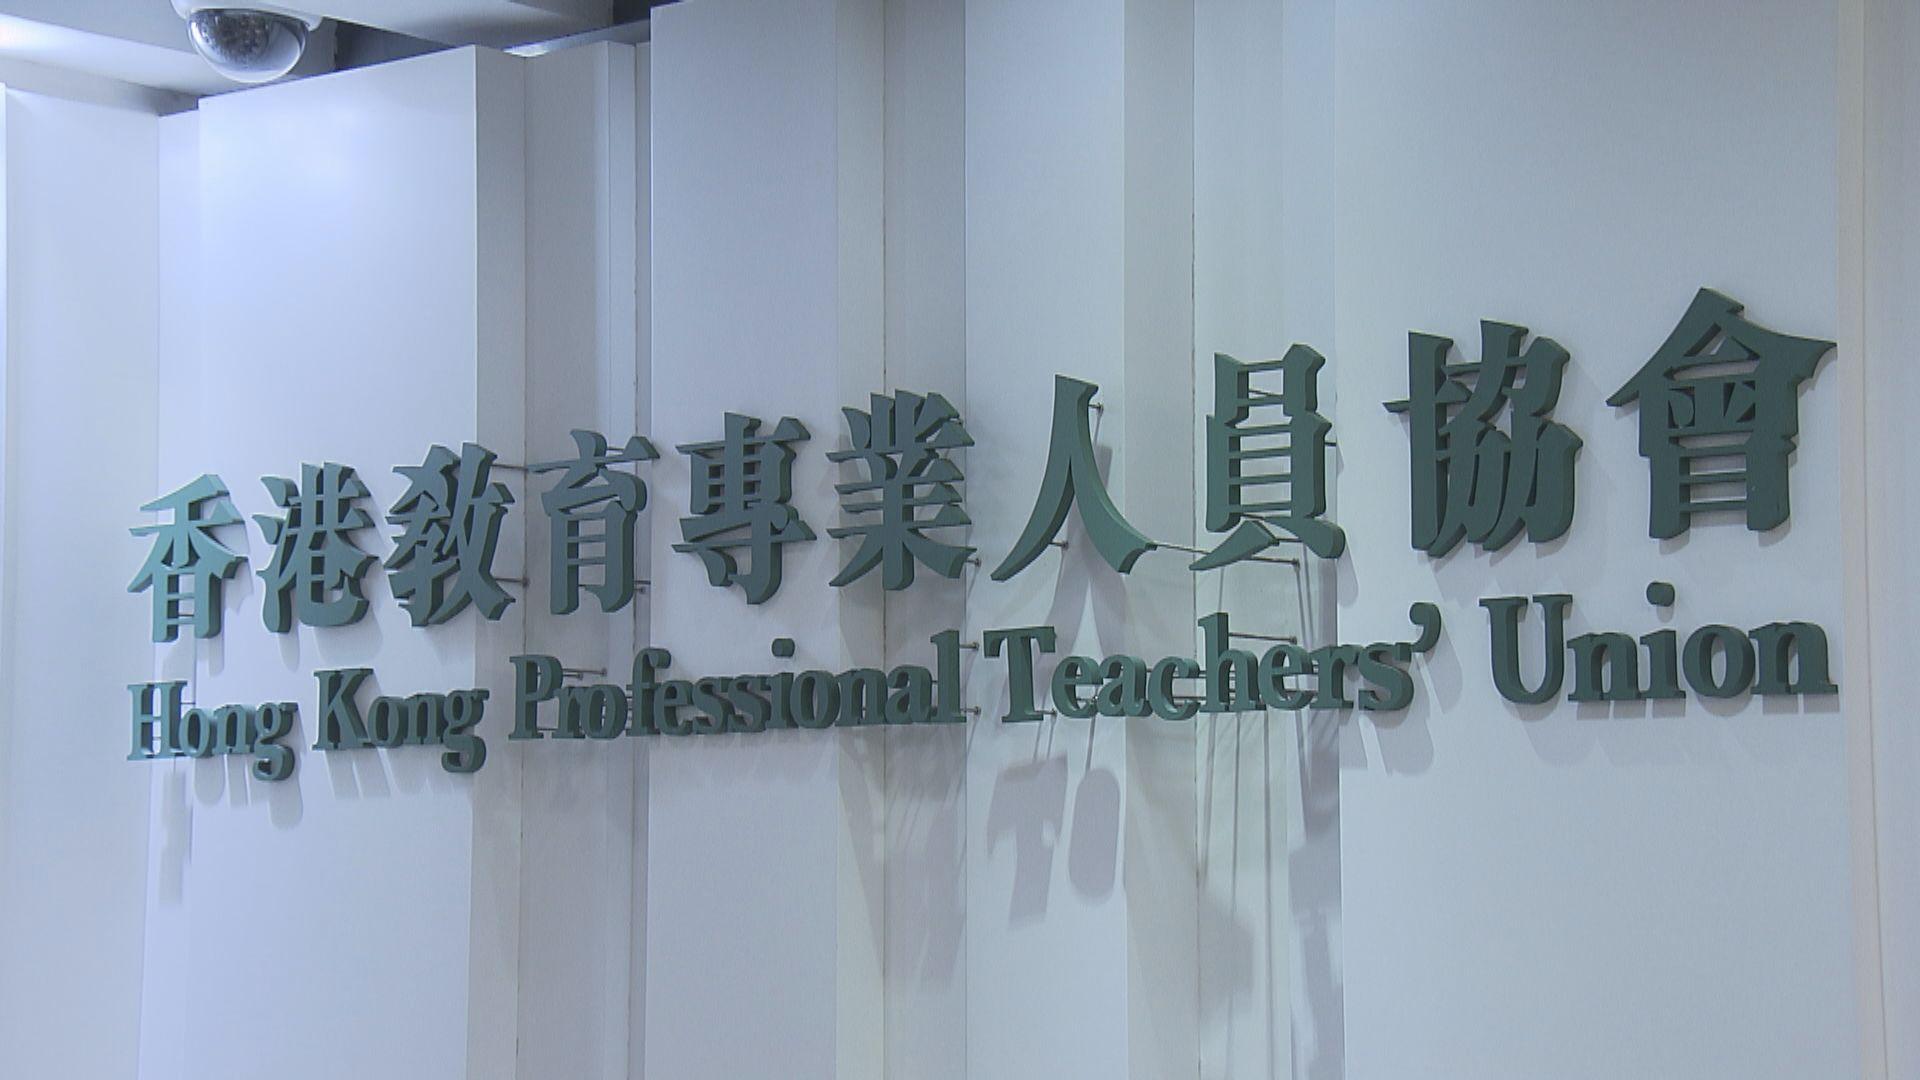 教協︰今後將聚焦教育專業和權益工作